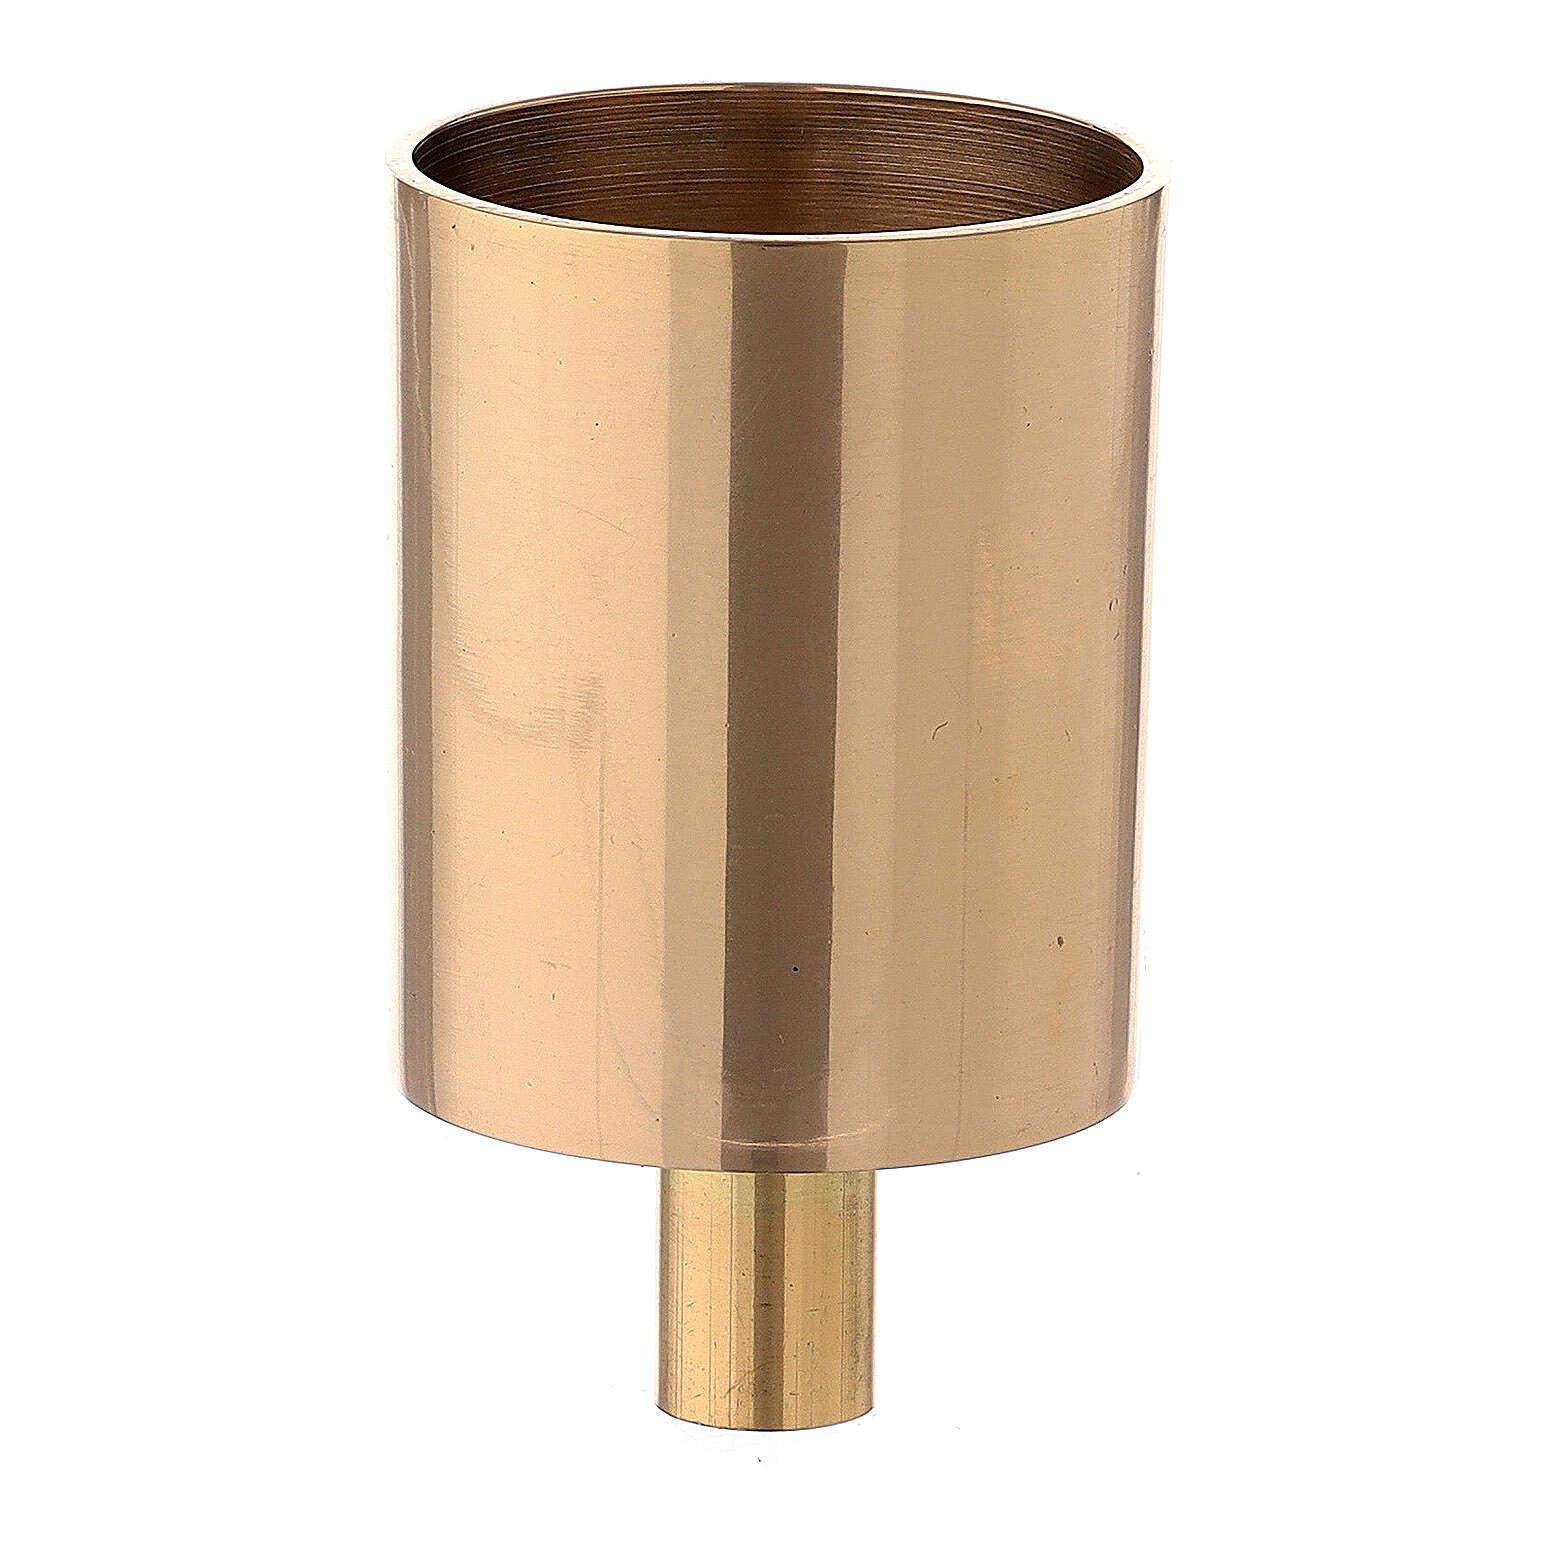 Bossolo portacandela ottone dorato vite 4 cm 4